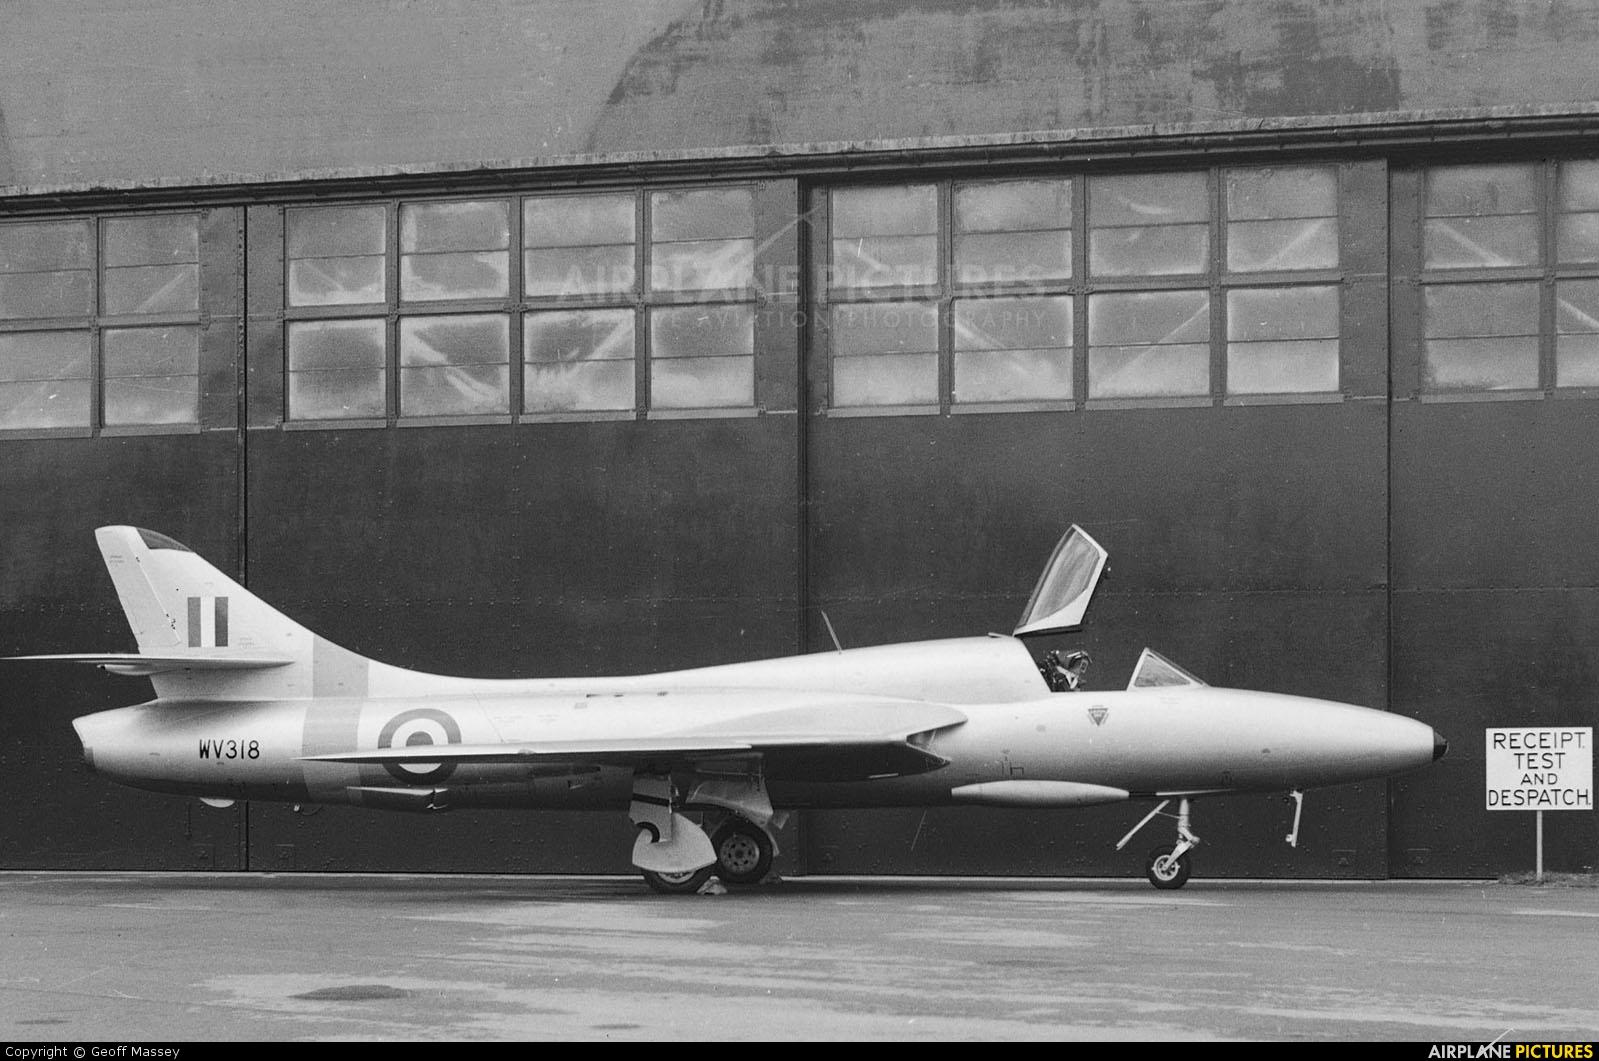 Royal Air Force WV318 aircraft at Benson